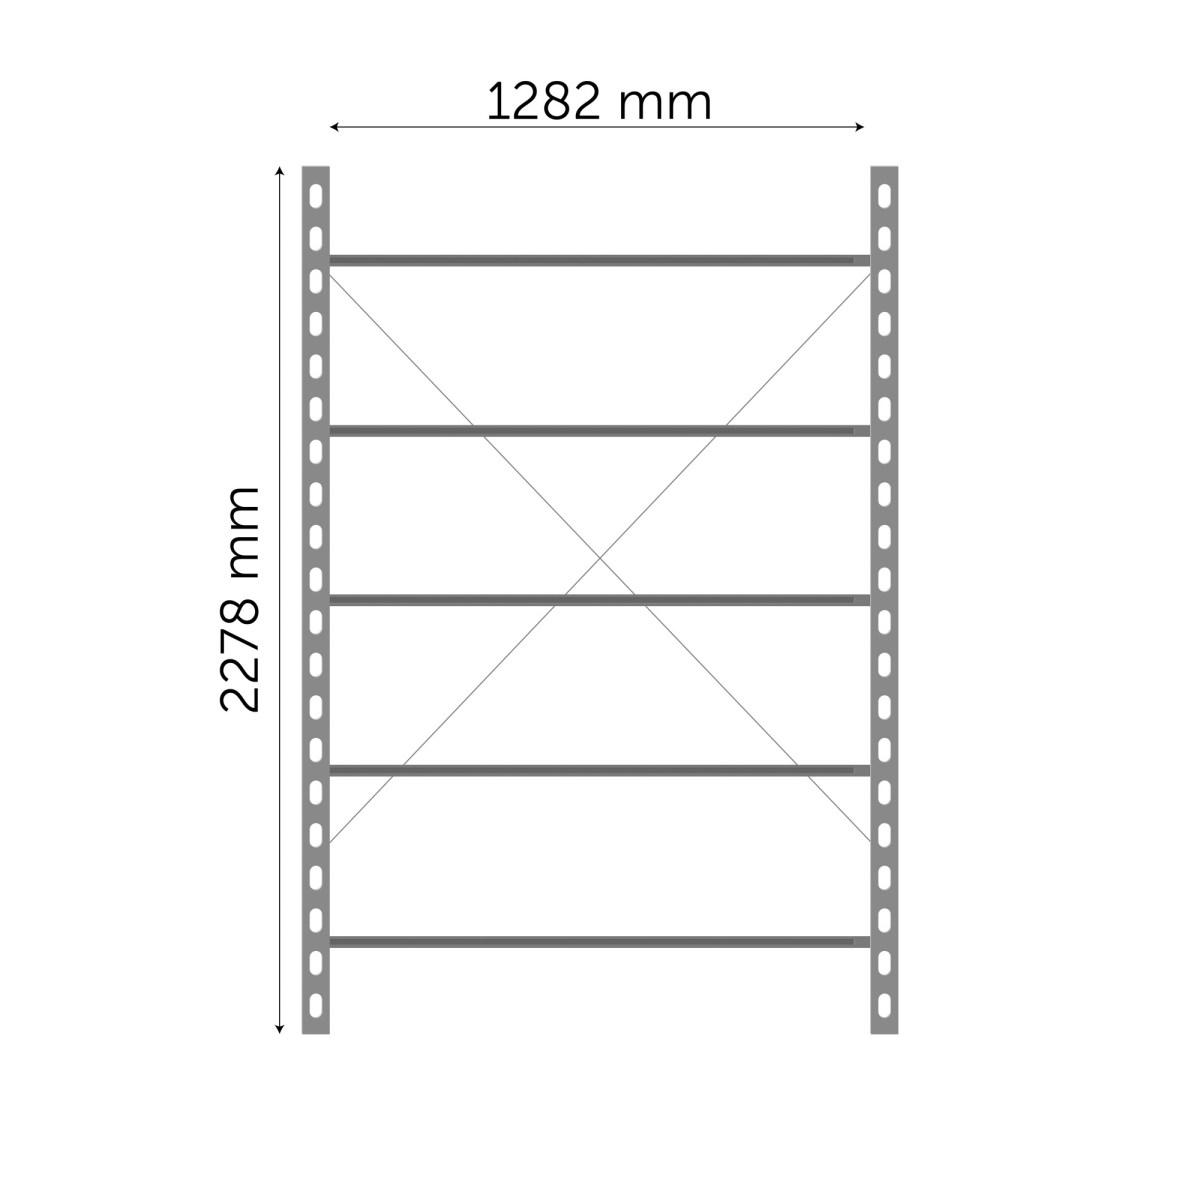 Moodulriiuli põhiosa 2278x1282mm